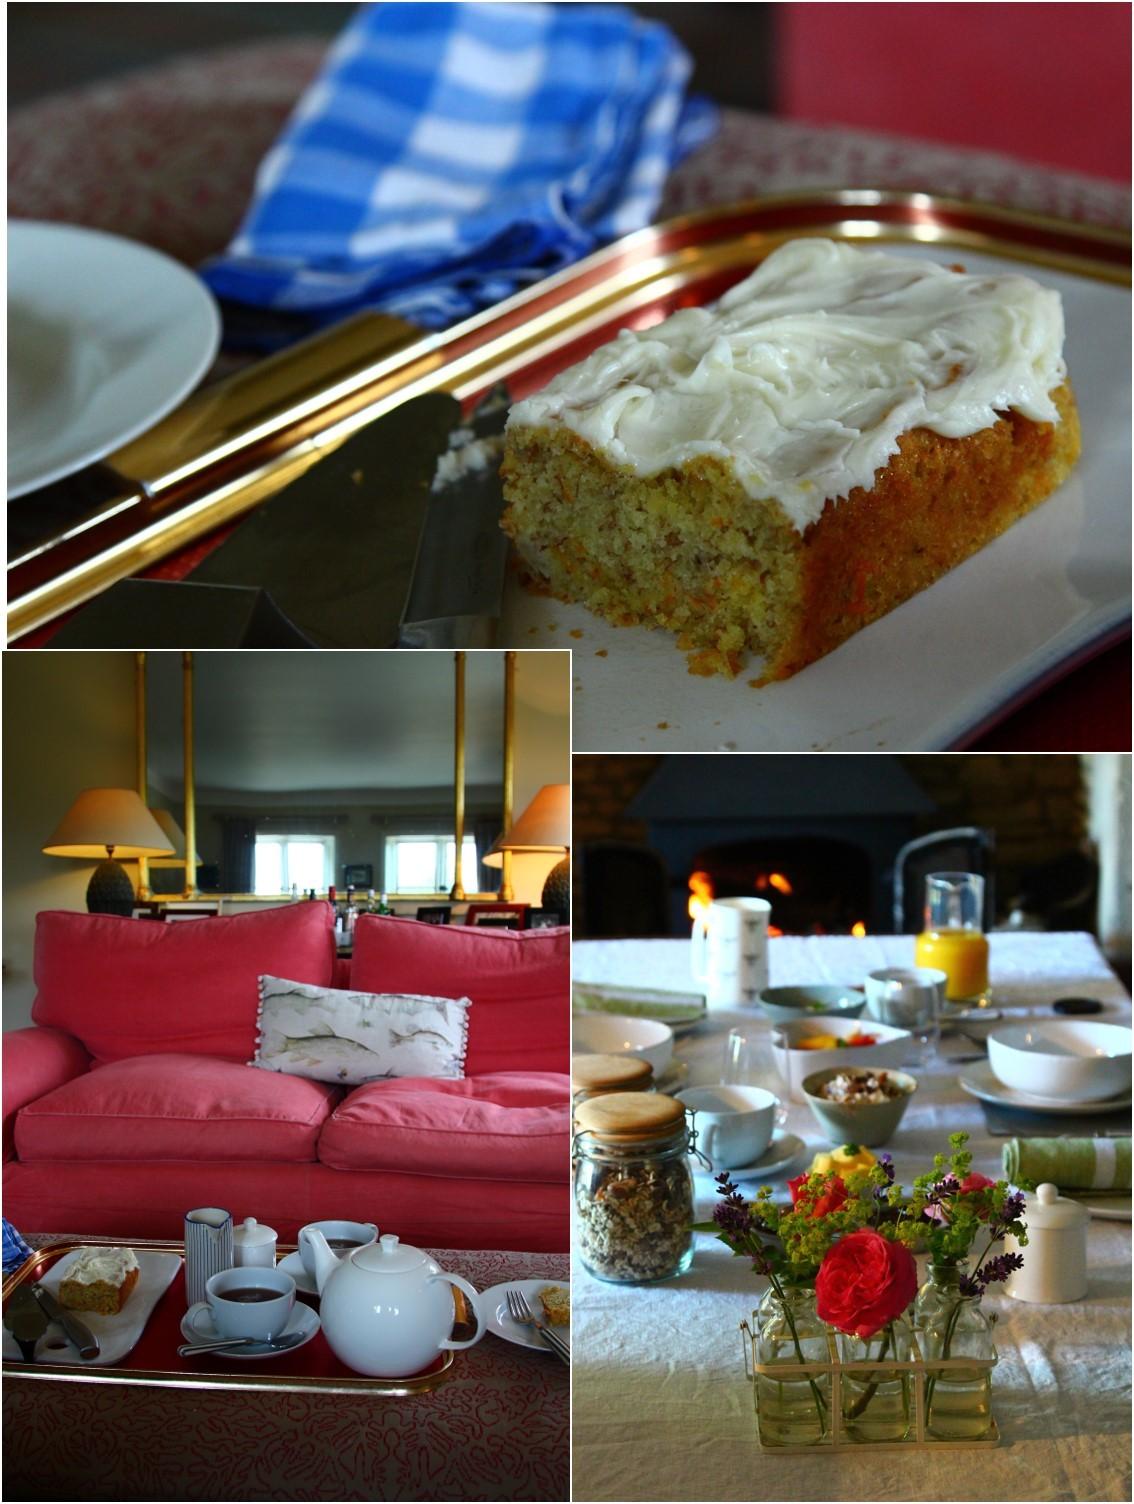 Home made cake_a0107981_08495530.jpg